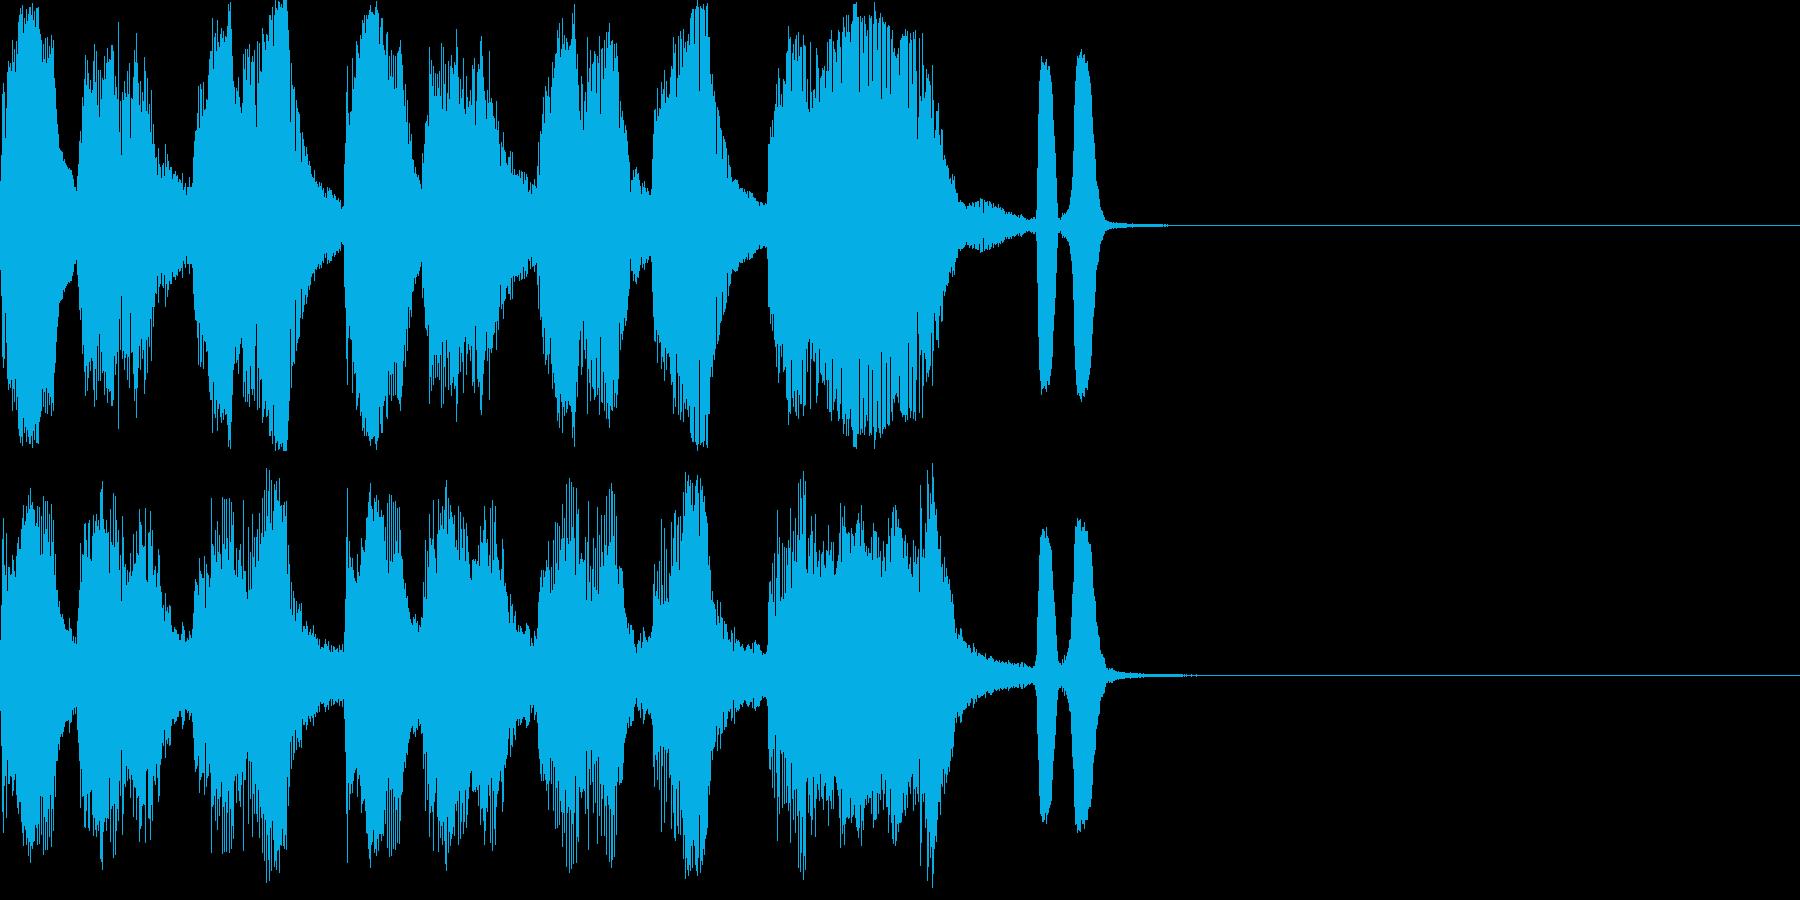 バラエティー向きショートネタです。の再生済みの波形